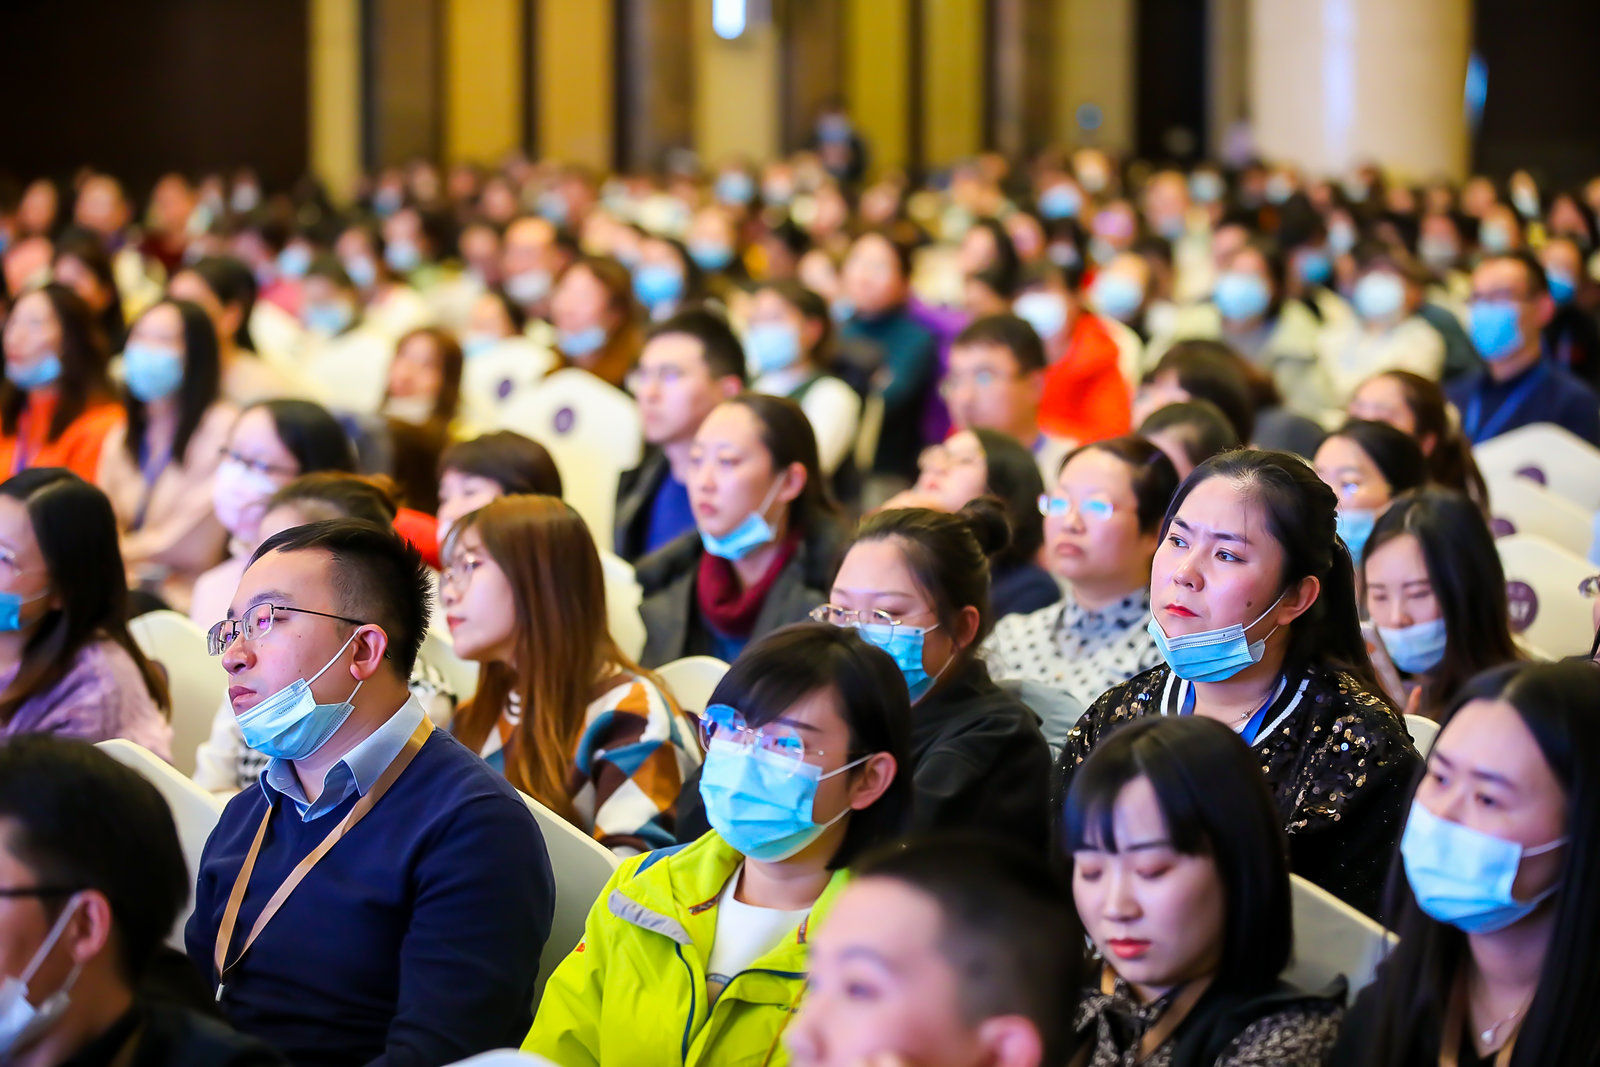 普惠靈工潮 晉稅風云會 山西首屆靈活用工創新論壇峰會成功舉辦